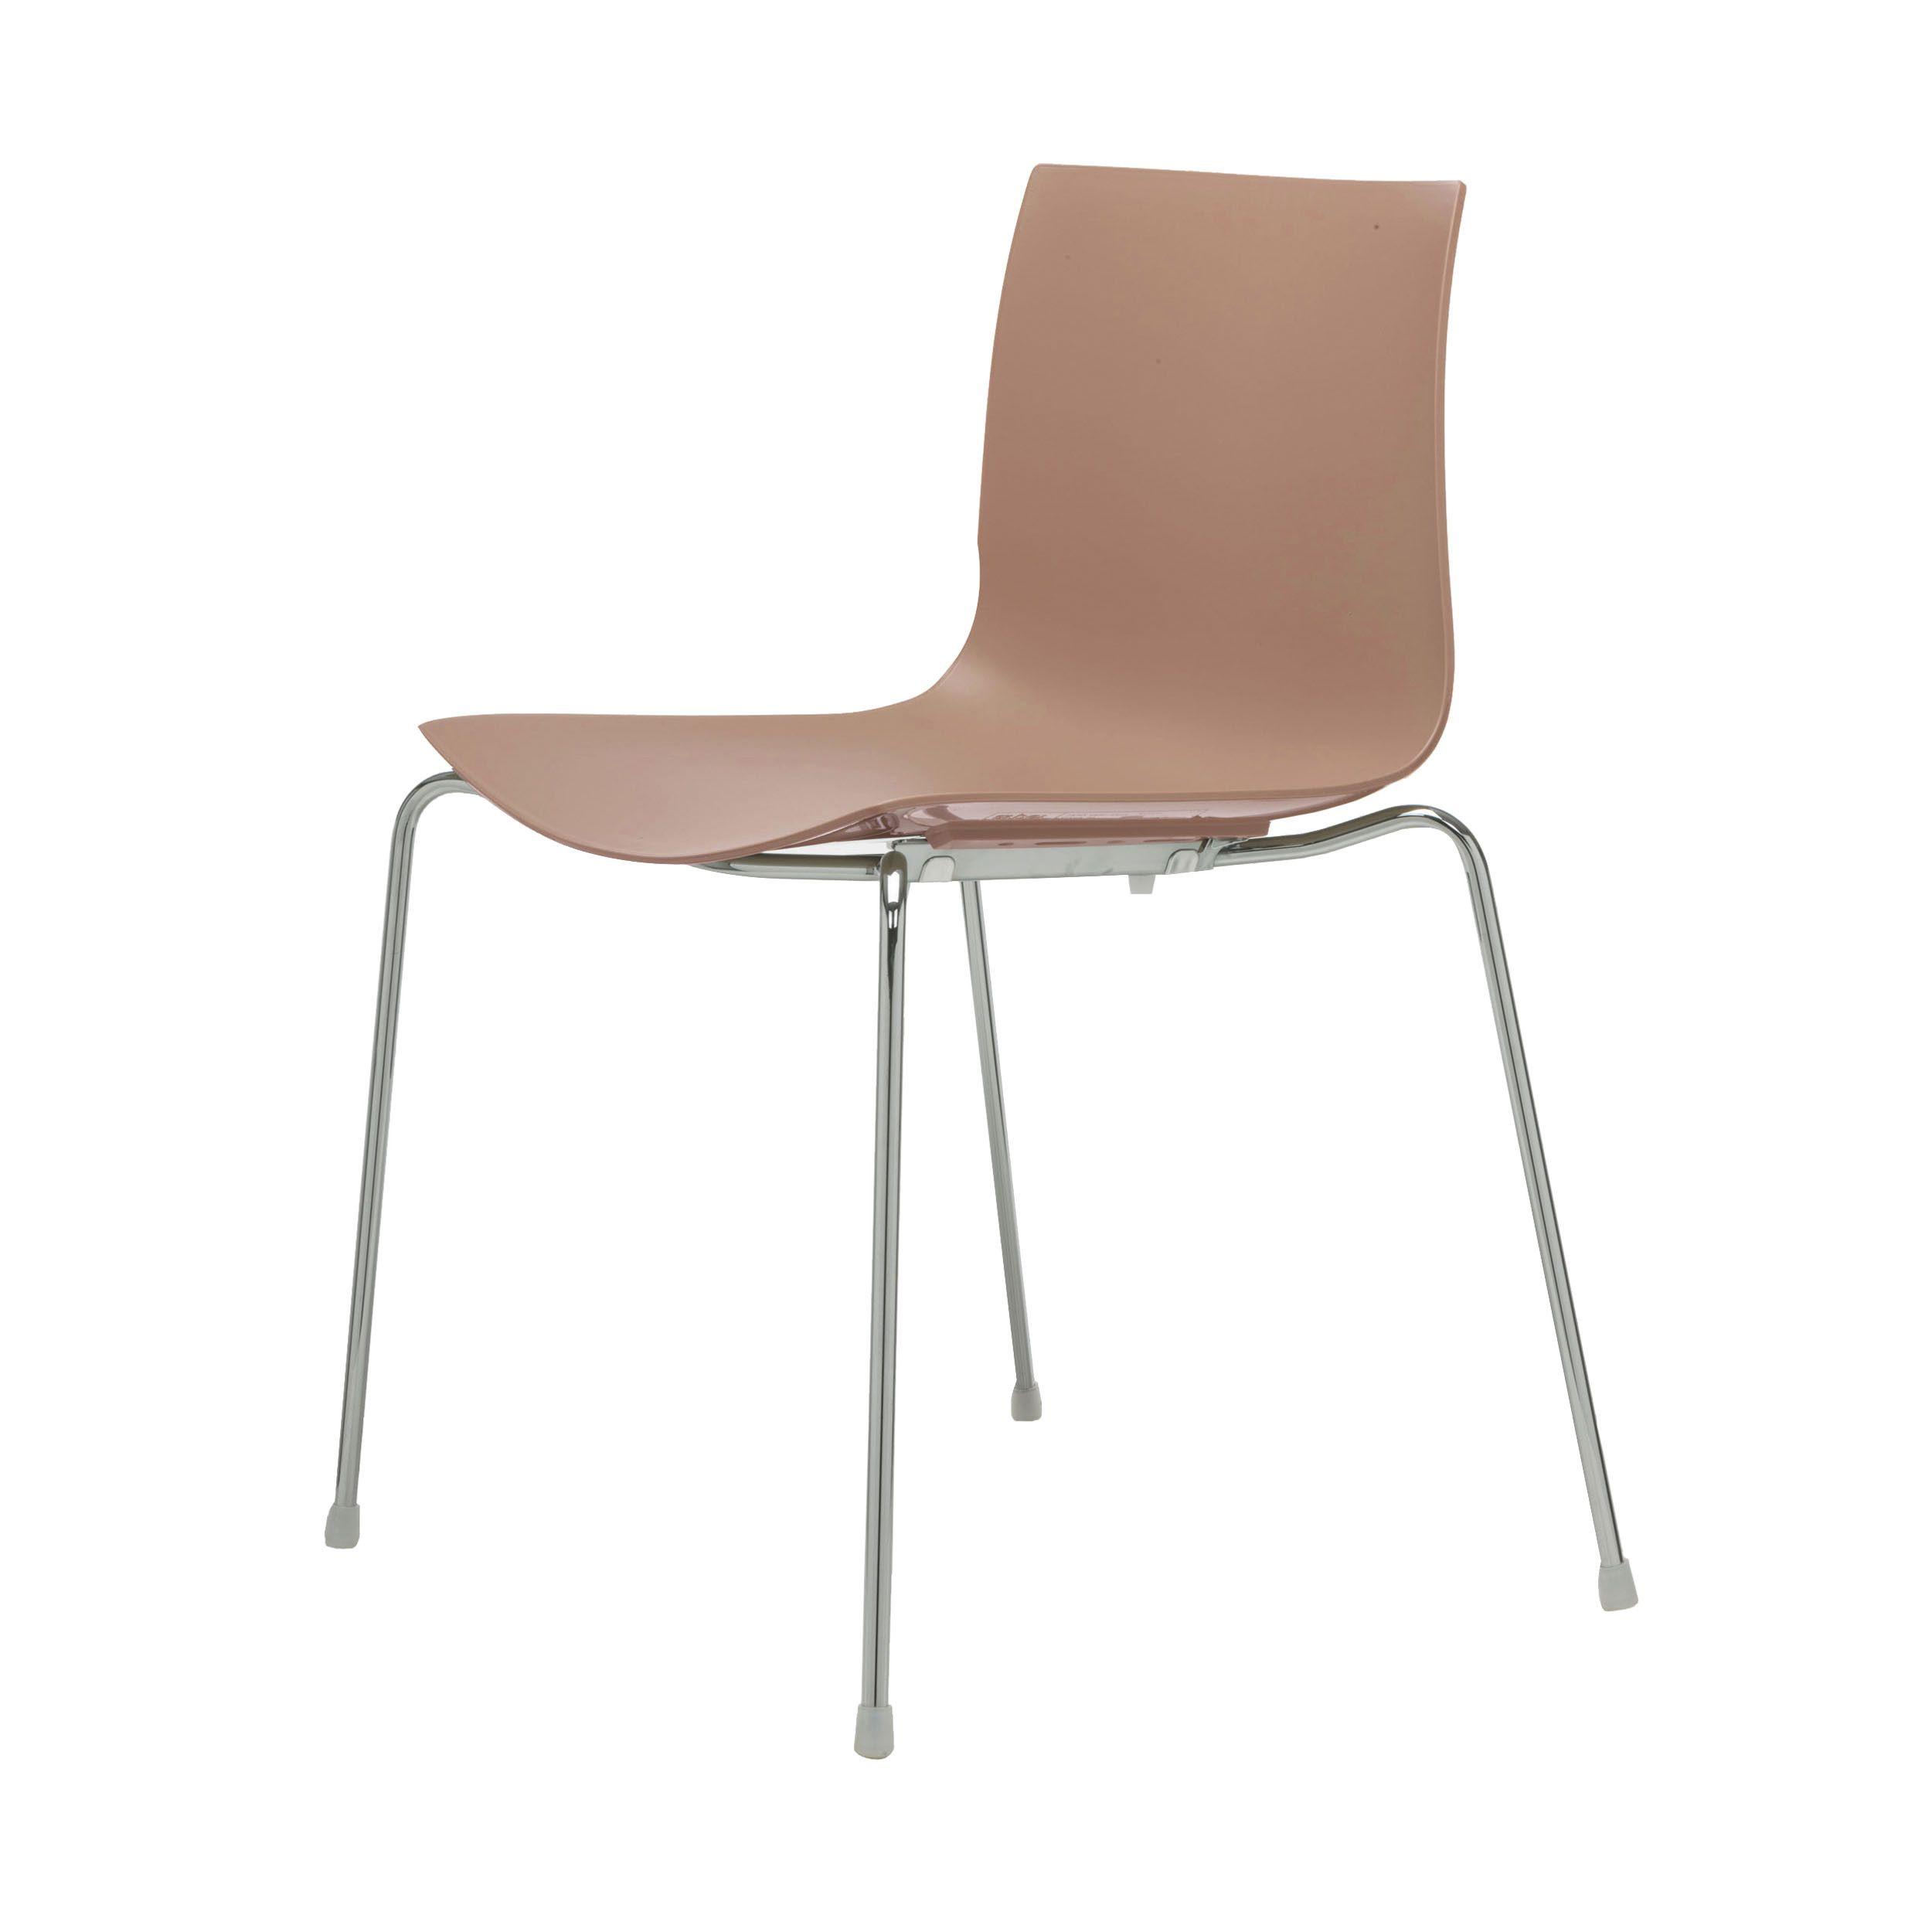 Catifa 46 Stuhl Einfarbig Altrosa A046601 012 Online Kaufen Bei Woonio Stuhle Esszimmerstuhle Altrosa